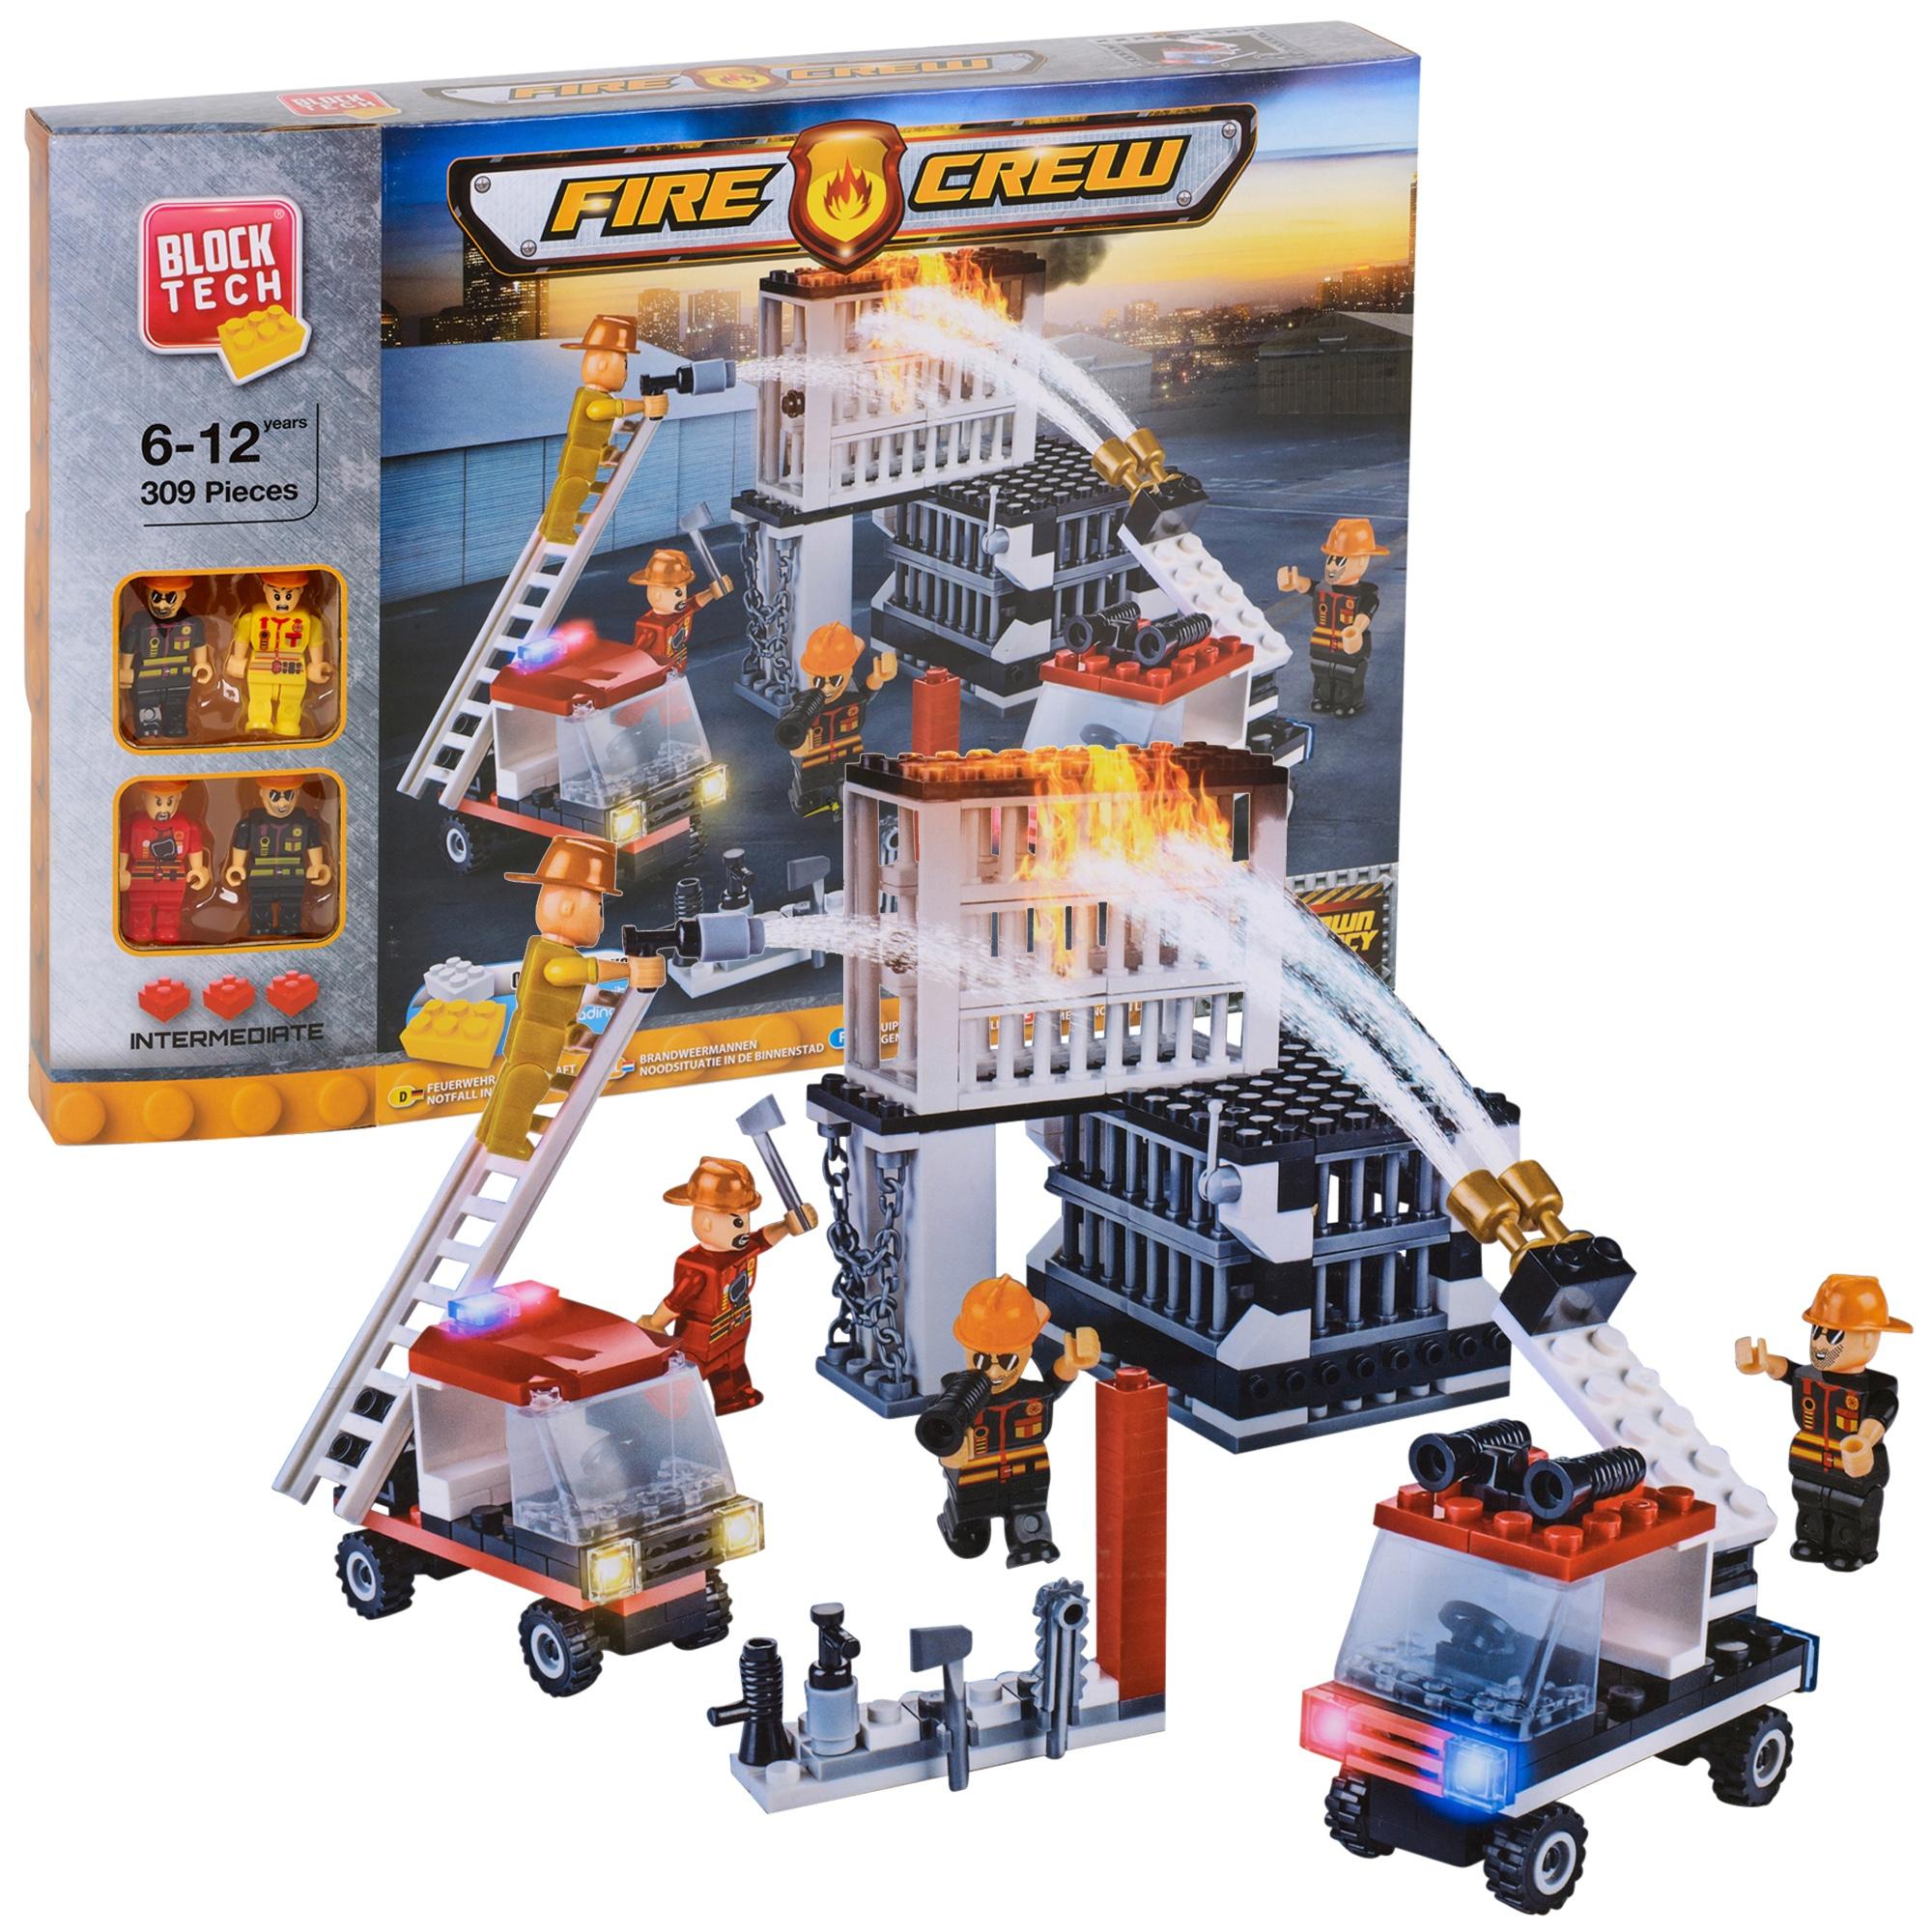 Block Blocs Éducatifs Briques Jeu Tech Figures Afficher Le D'origine Jouets Détails Sur Construction Kids Titre 8nNwvm0